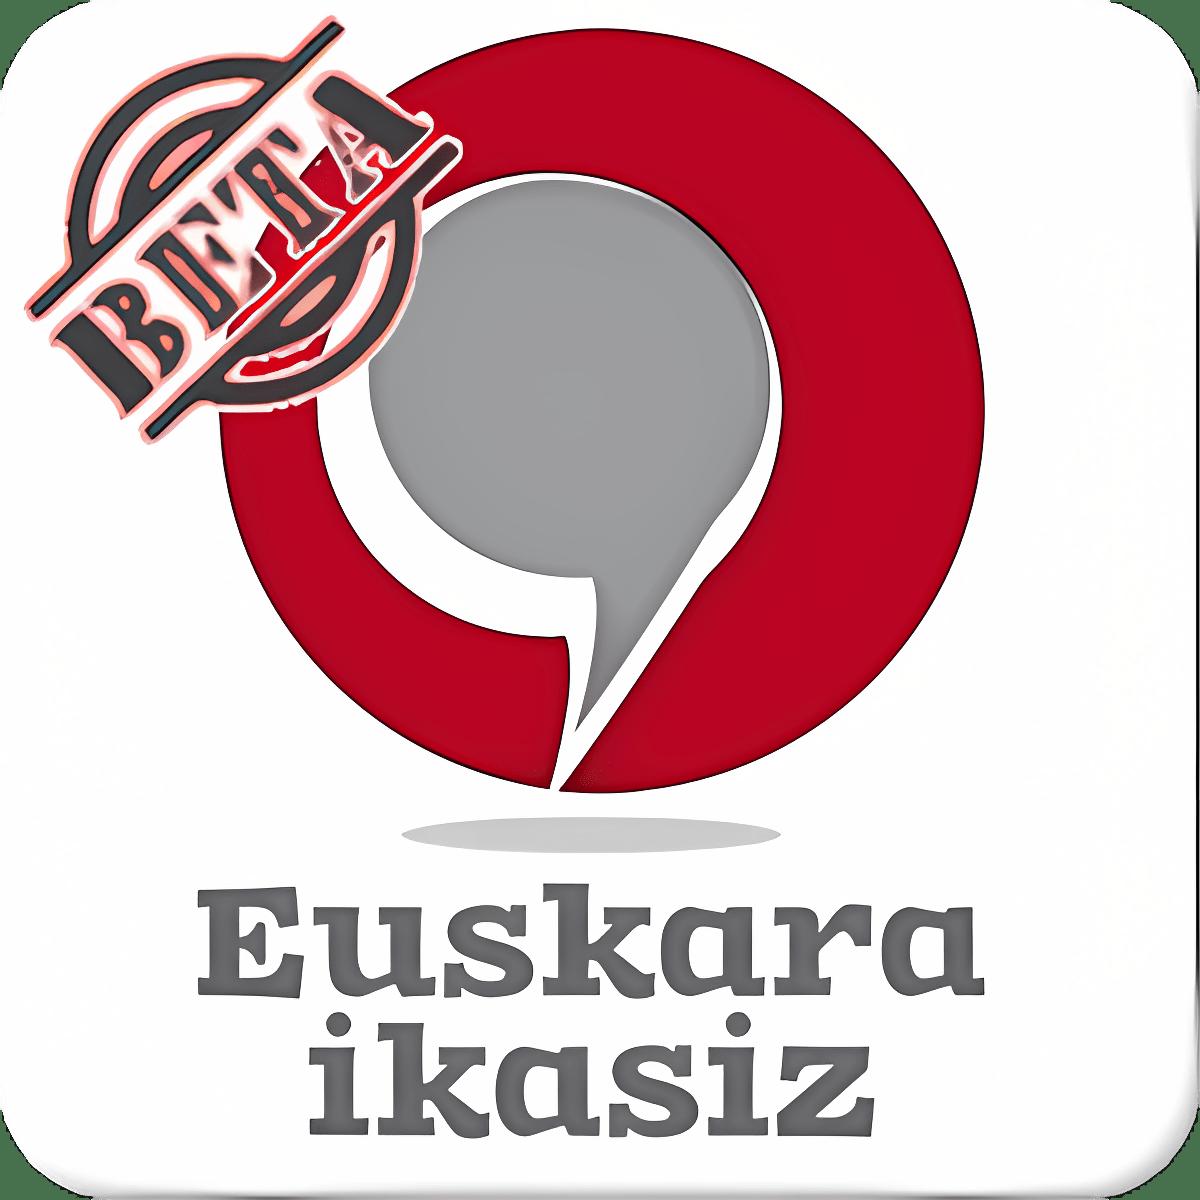 Euskara ikasiz 2.maila 2.0 beta